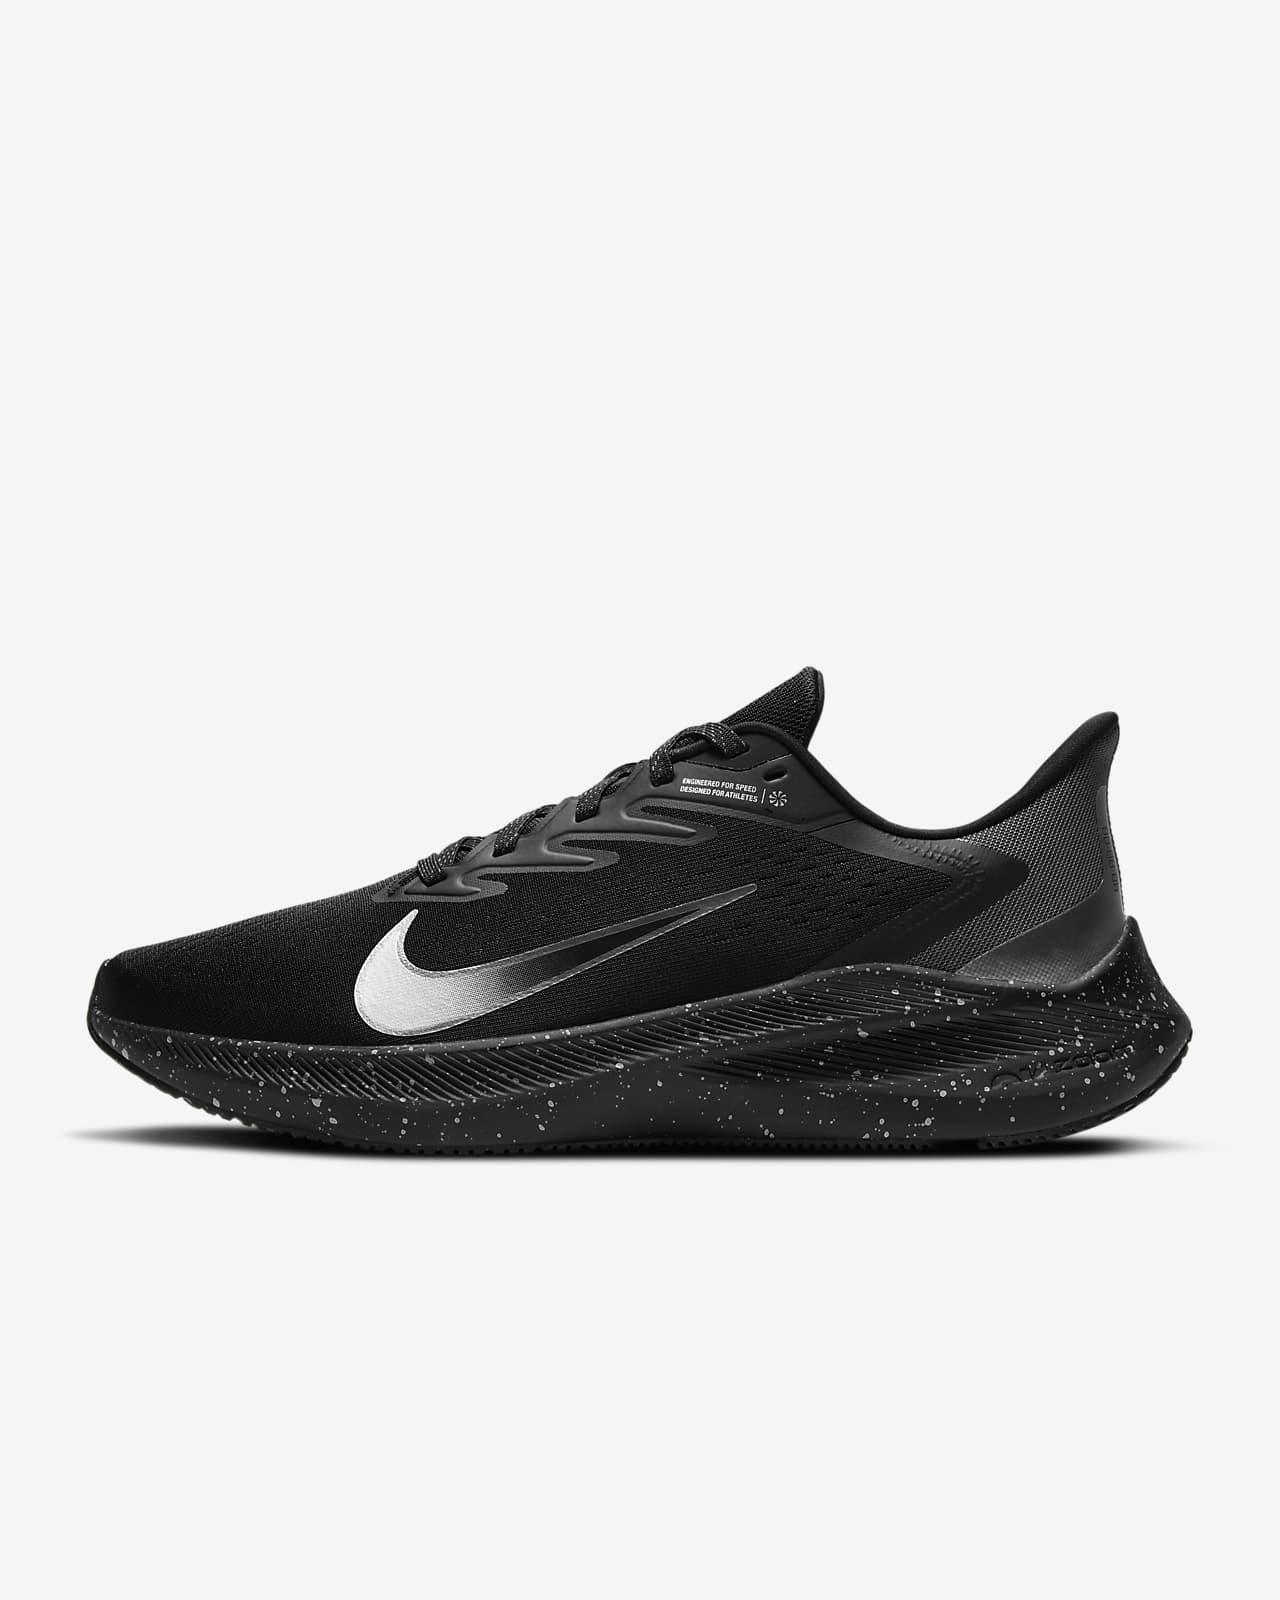 รองเท้าวิ่งผู้ชาย Nike Zoom Winflo 7 Premium